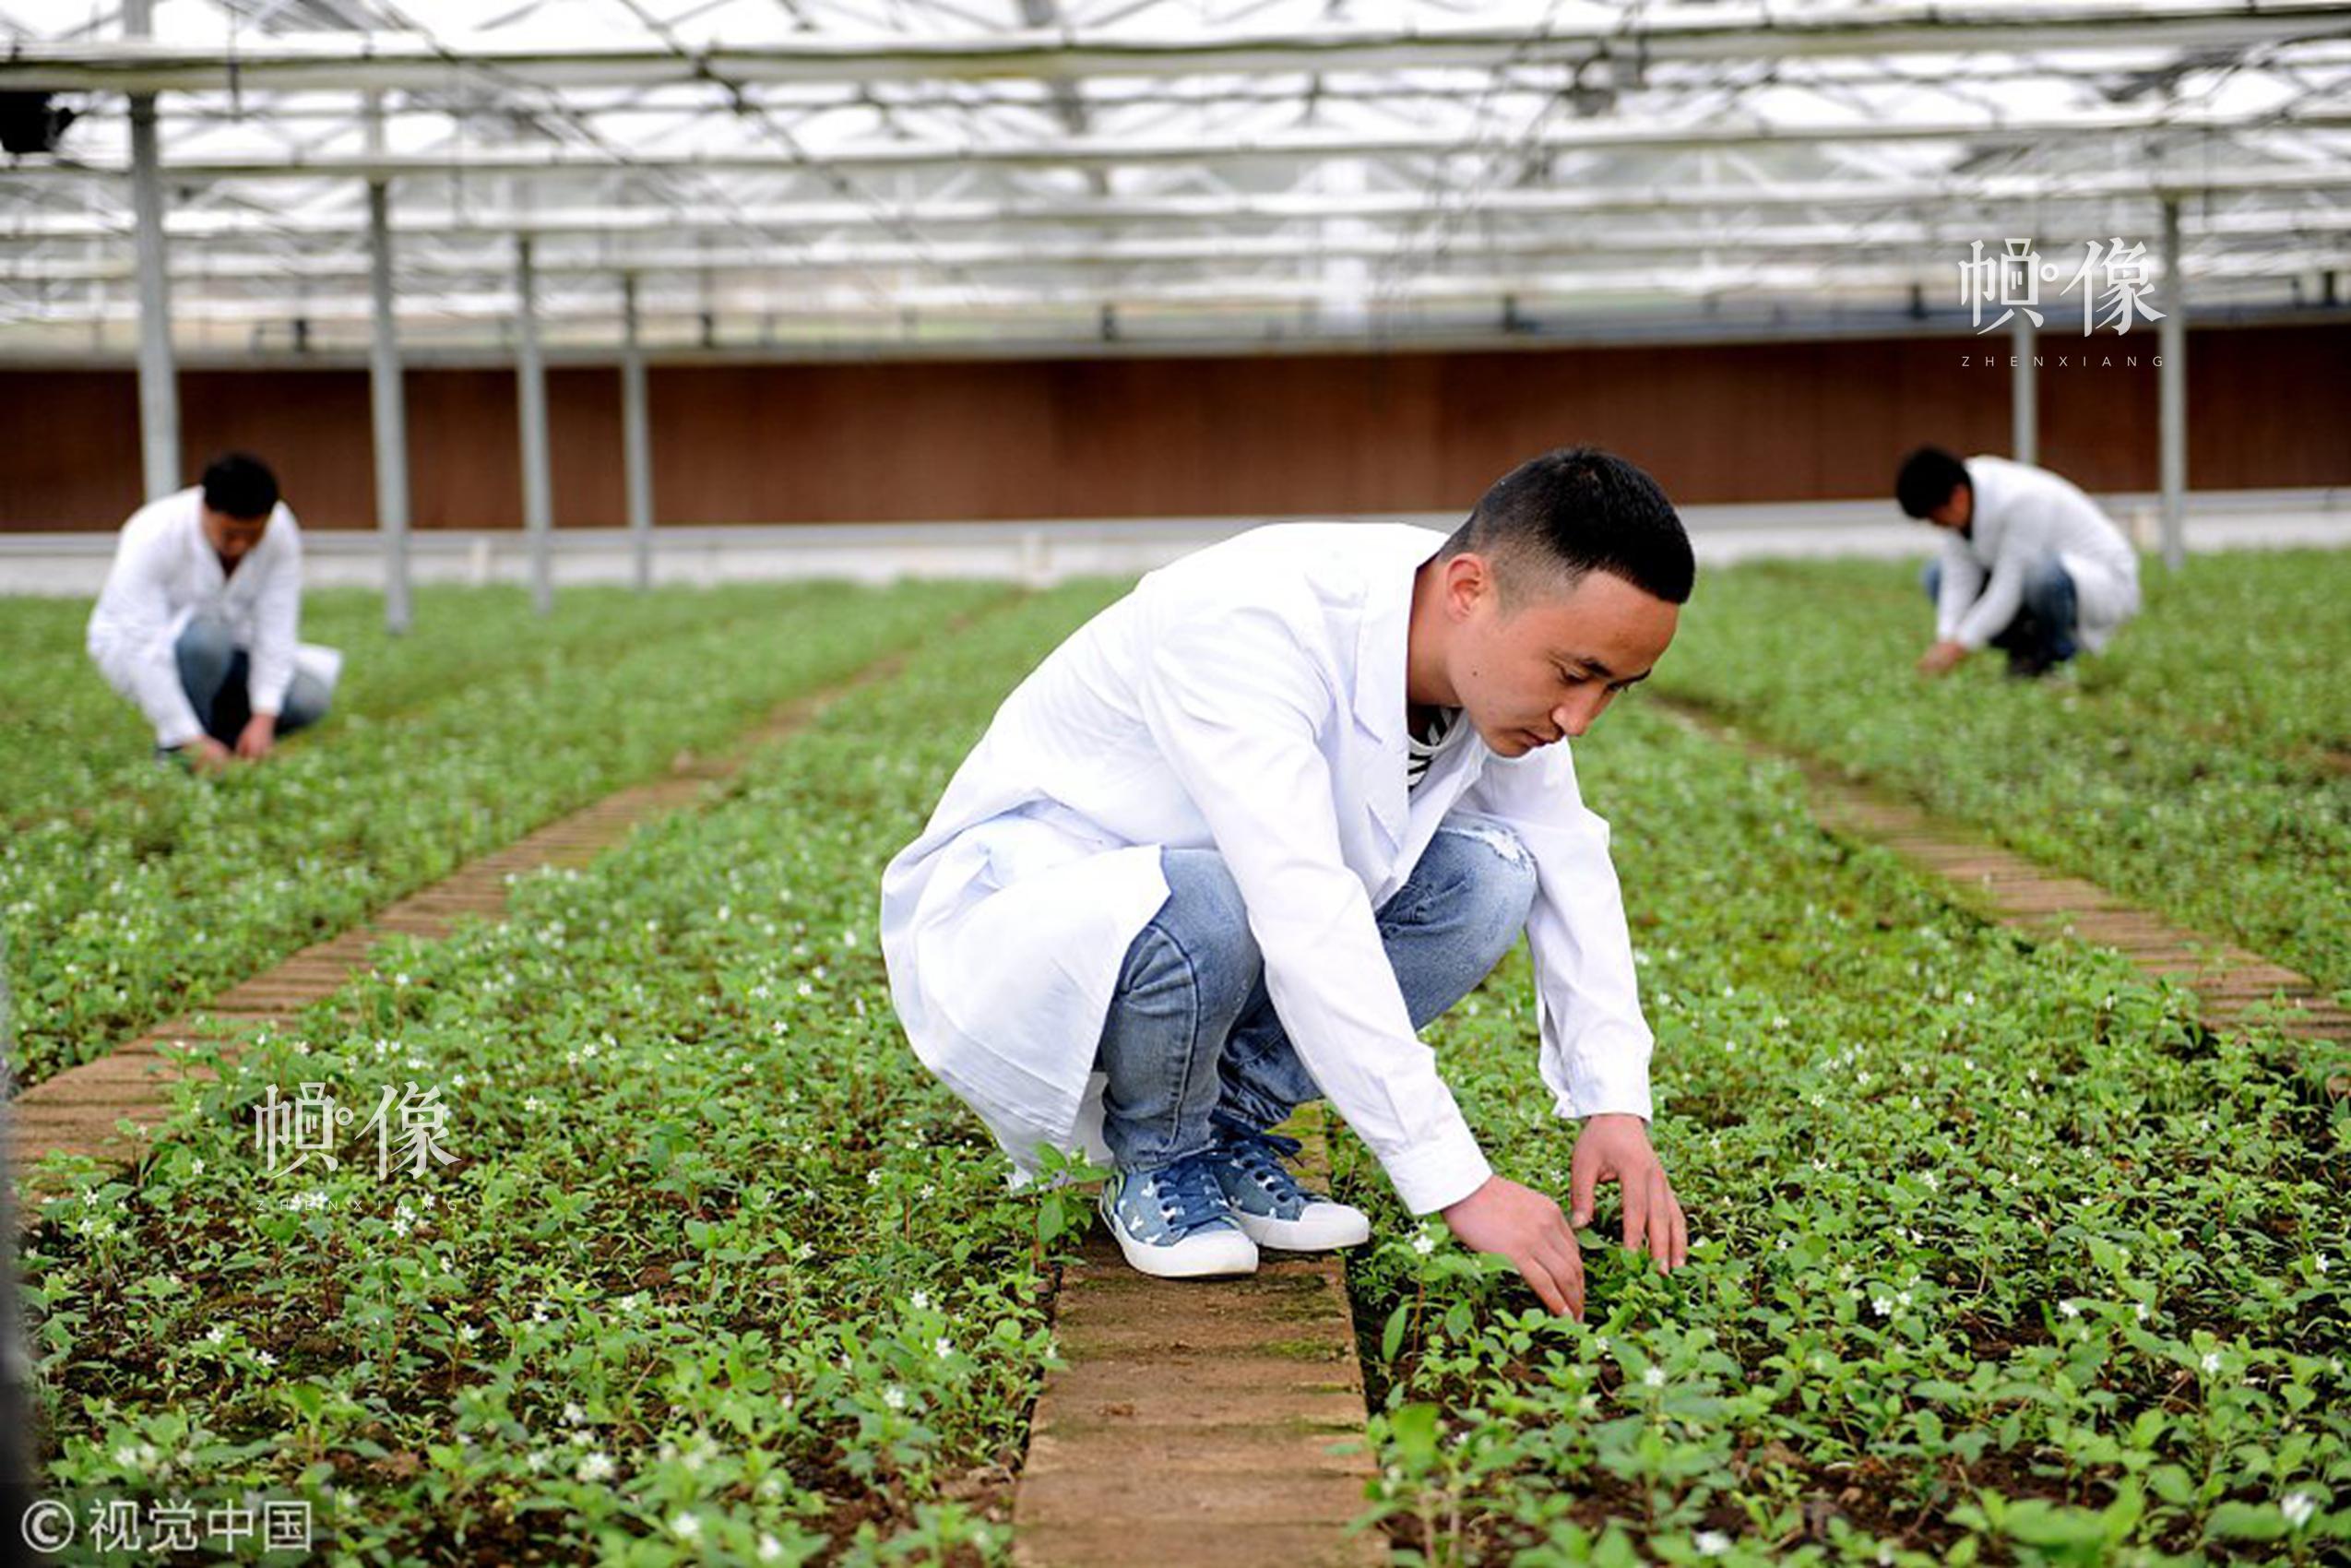 2018年3月10日,贵州省黔东南苗族侗族自治州施秉县牛大场镇牛大场村扶贫产业园区内的育苗点,工作人员在查看育苗情况。视觉中国